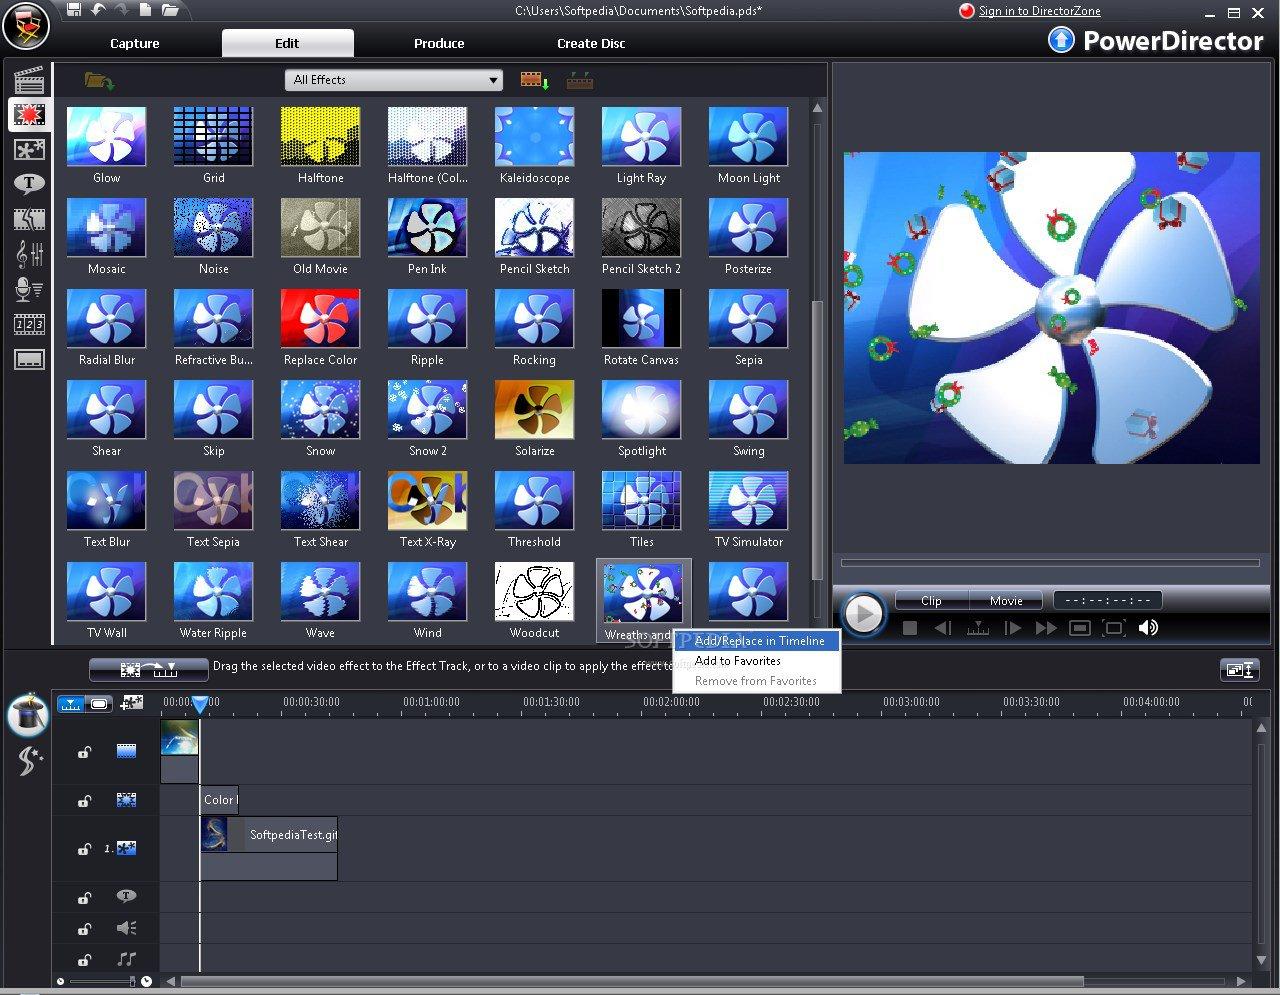 powerdirector slideshow templates download - soft downloads download cyberlink powerdirector 14 ultra